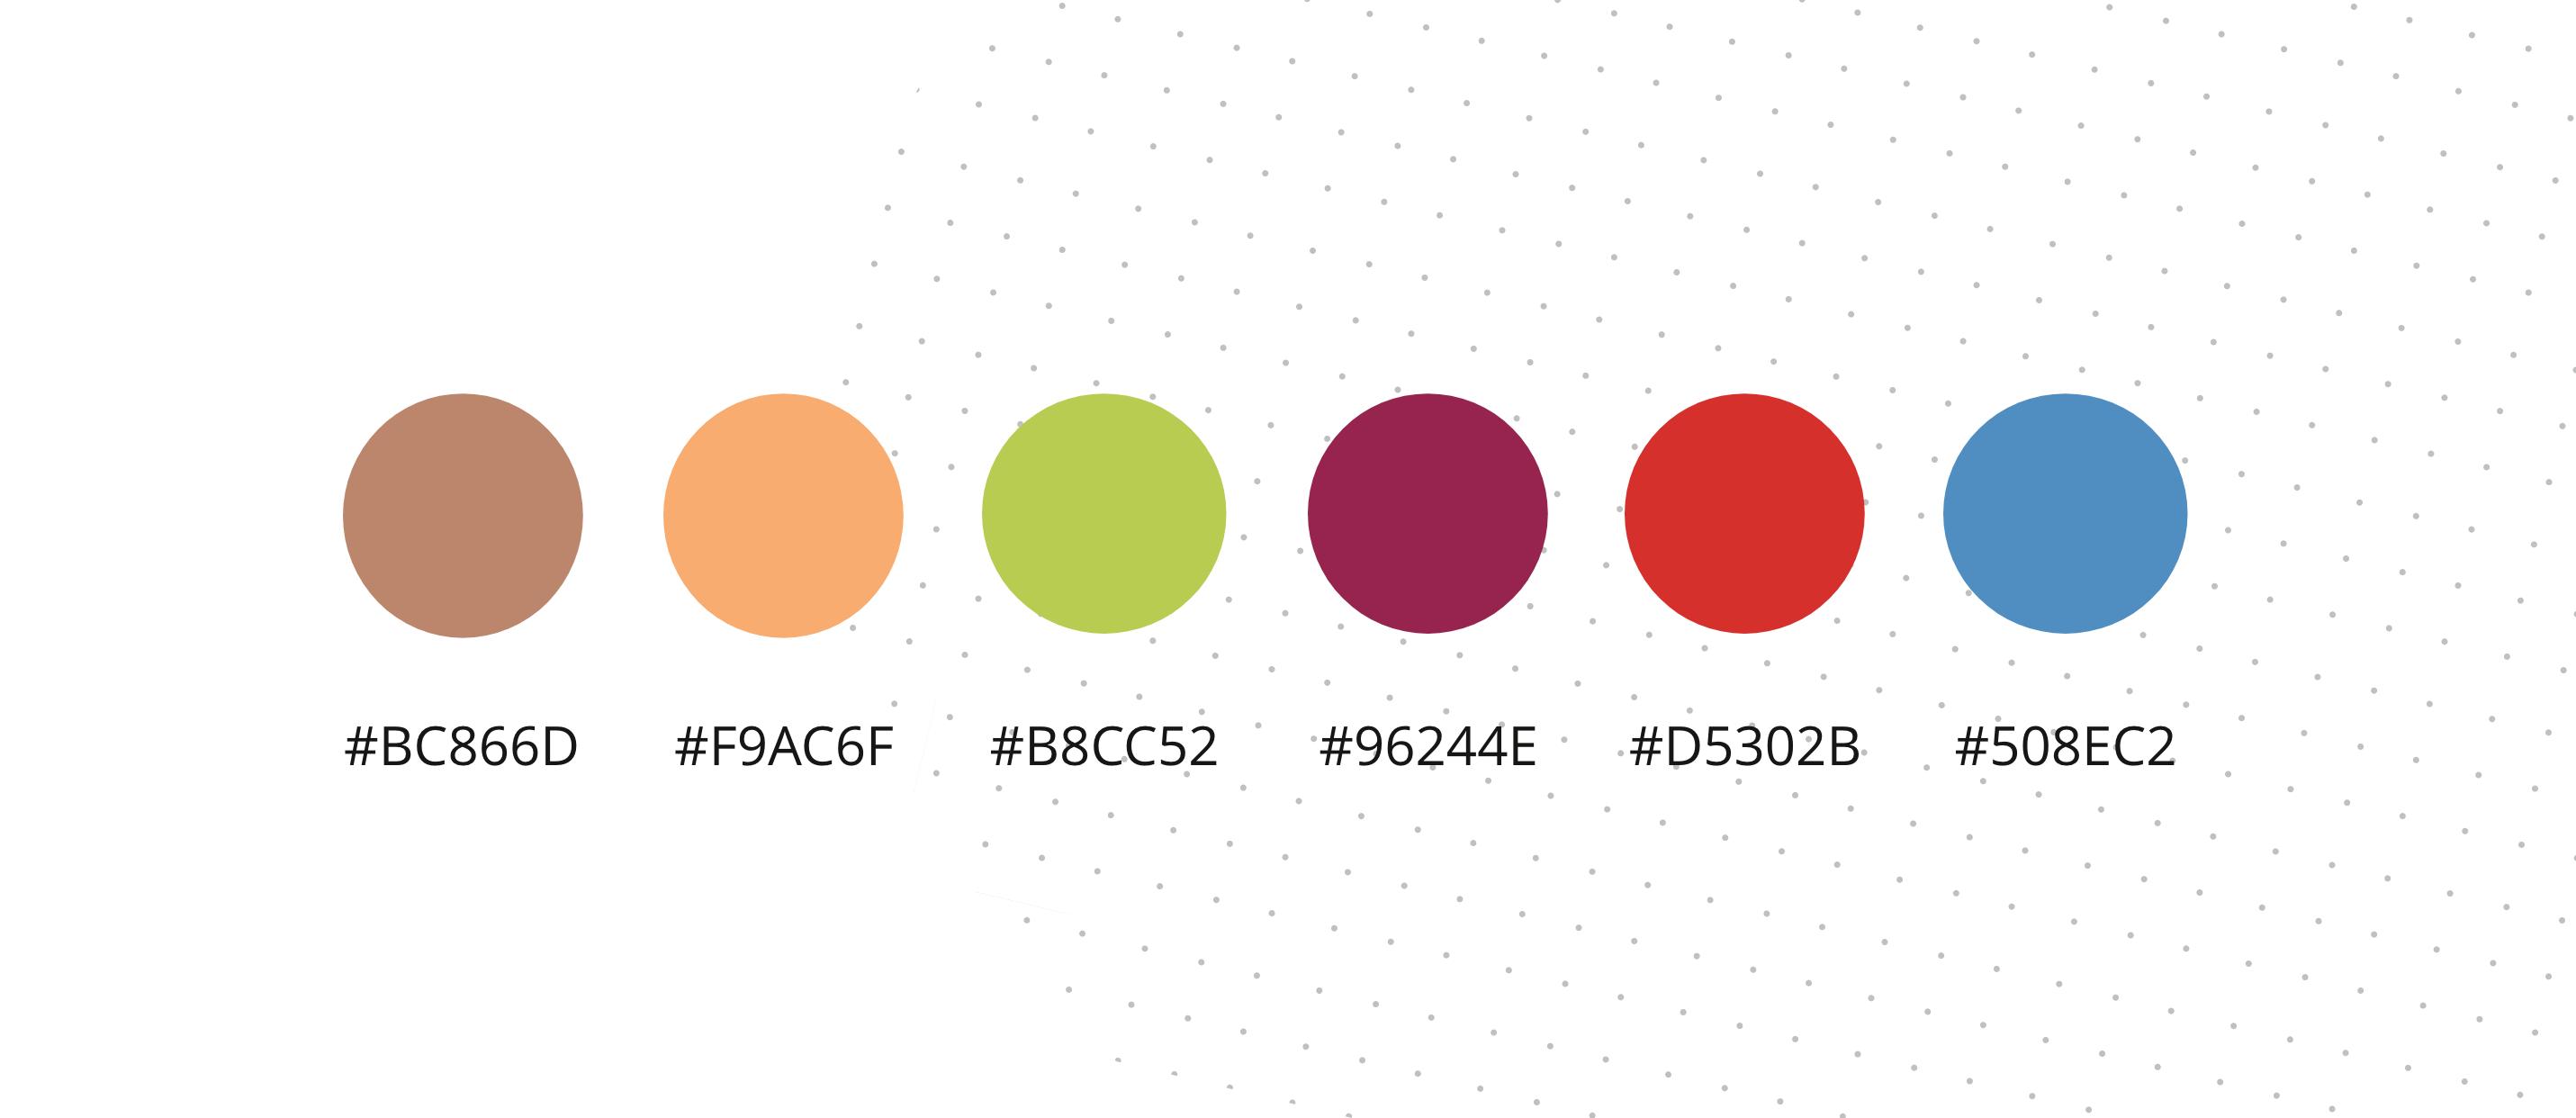 image-edition-couleurs-brochure-CSE-Siege-Banque-de-France-agence-conseil-en-communication-Letb-synergie